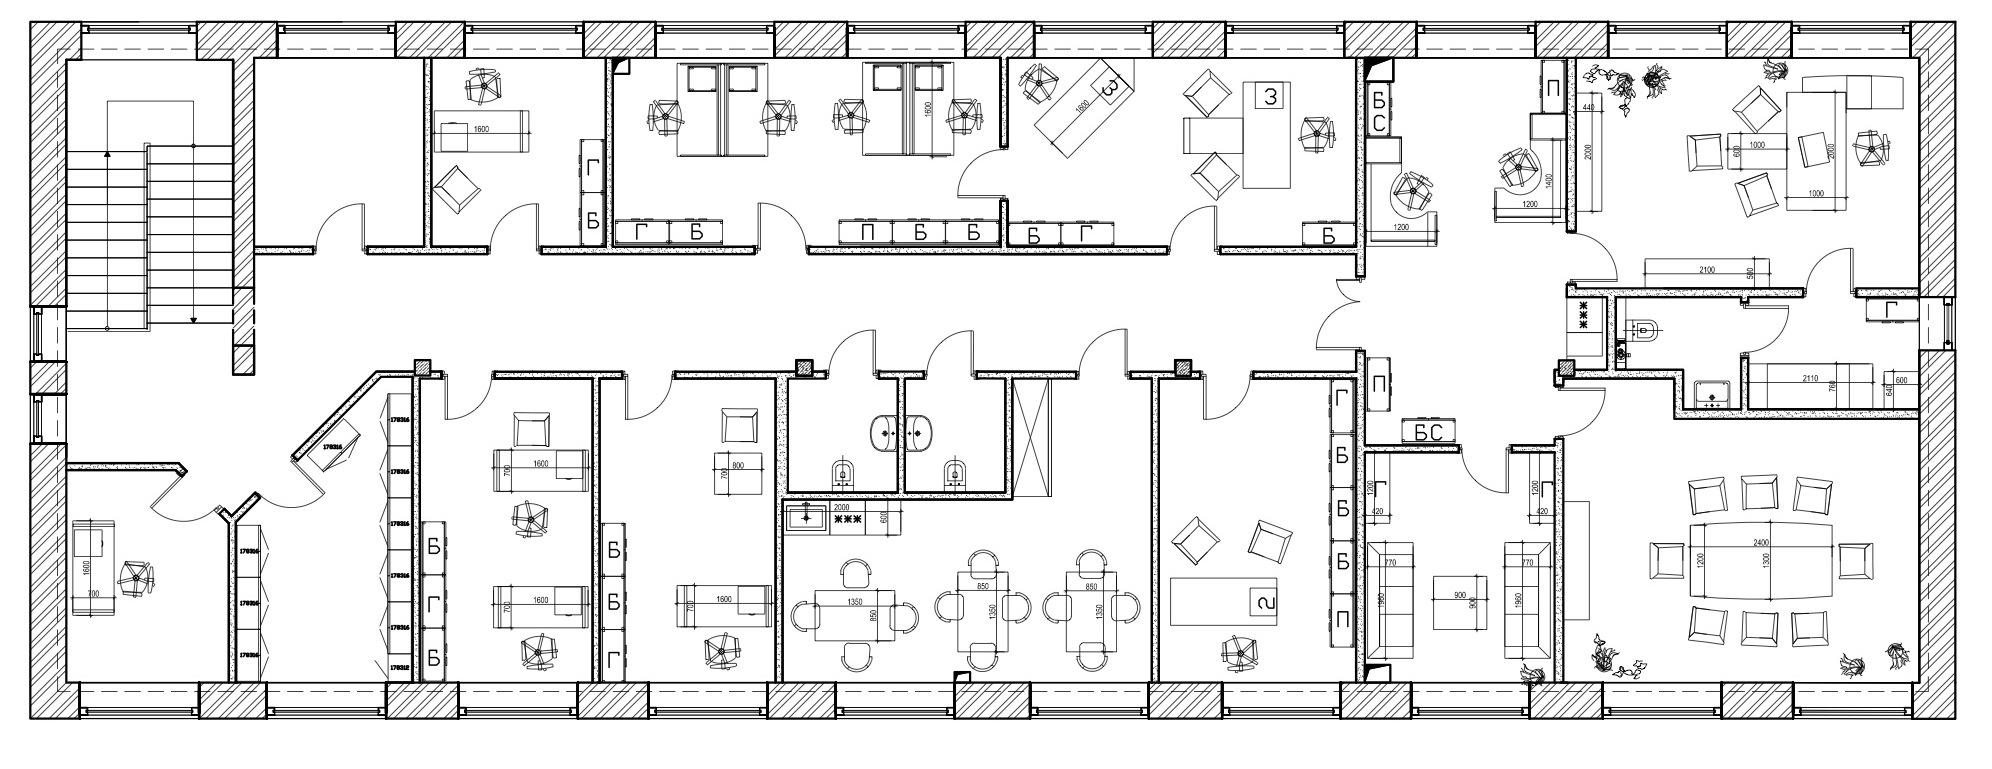 Схема помещений в здании